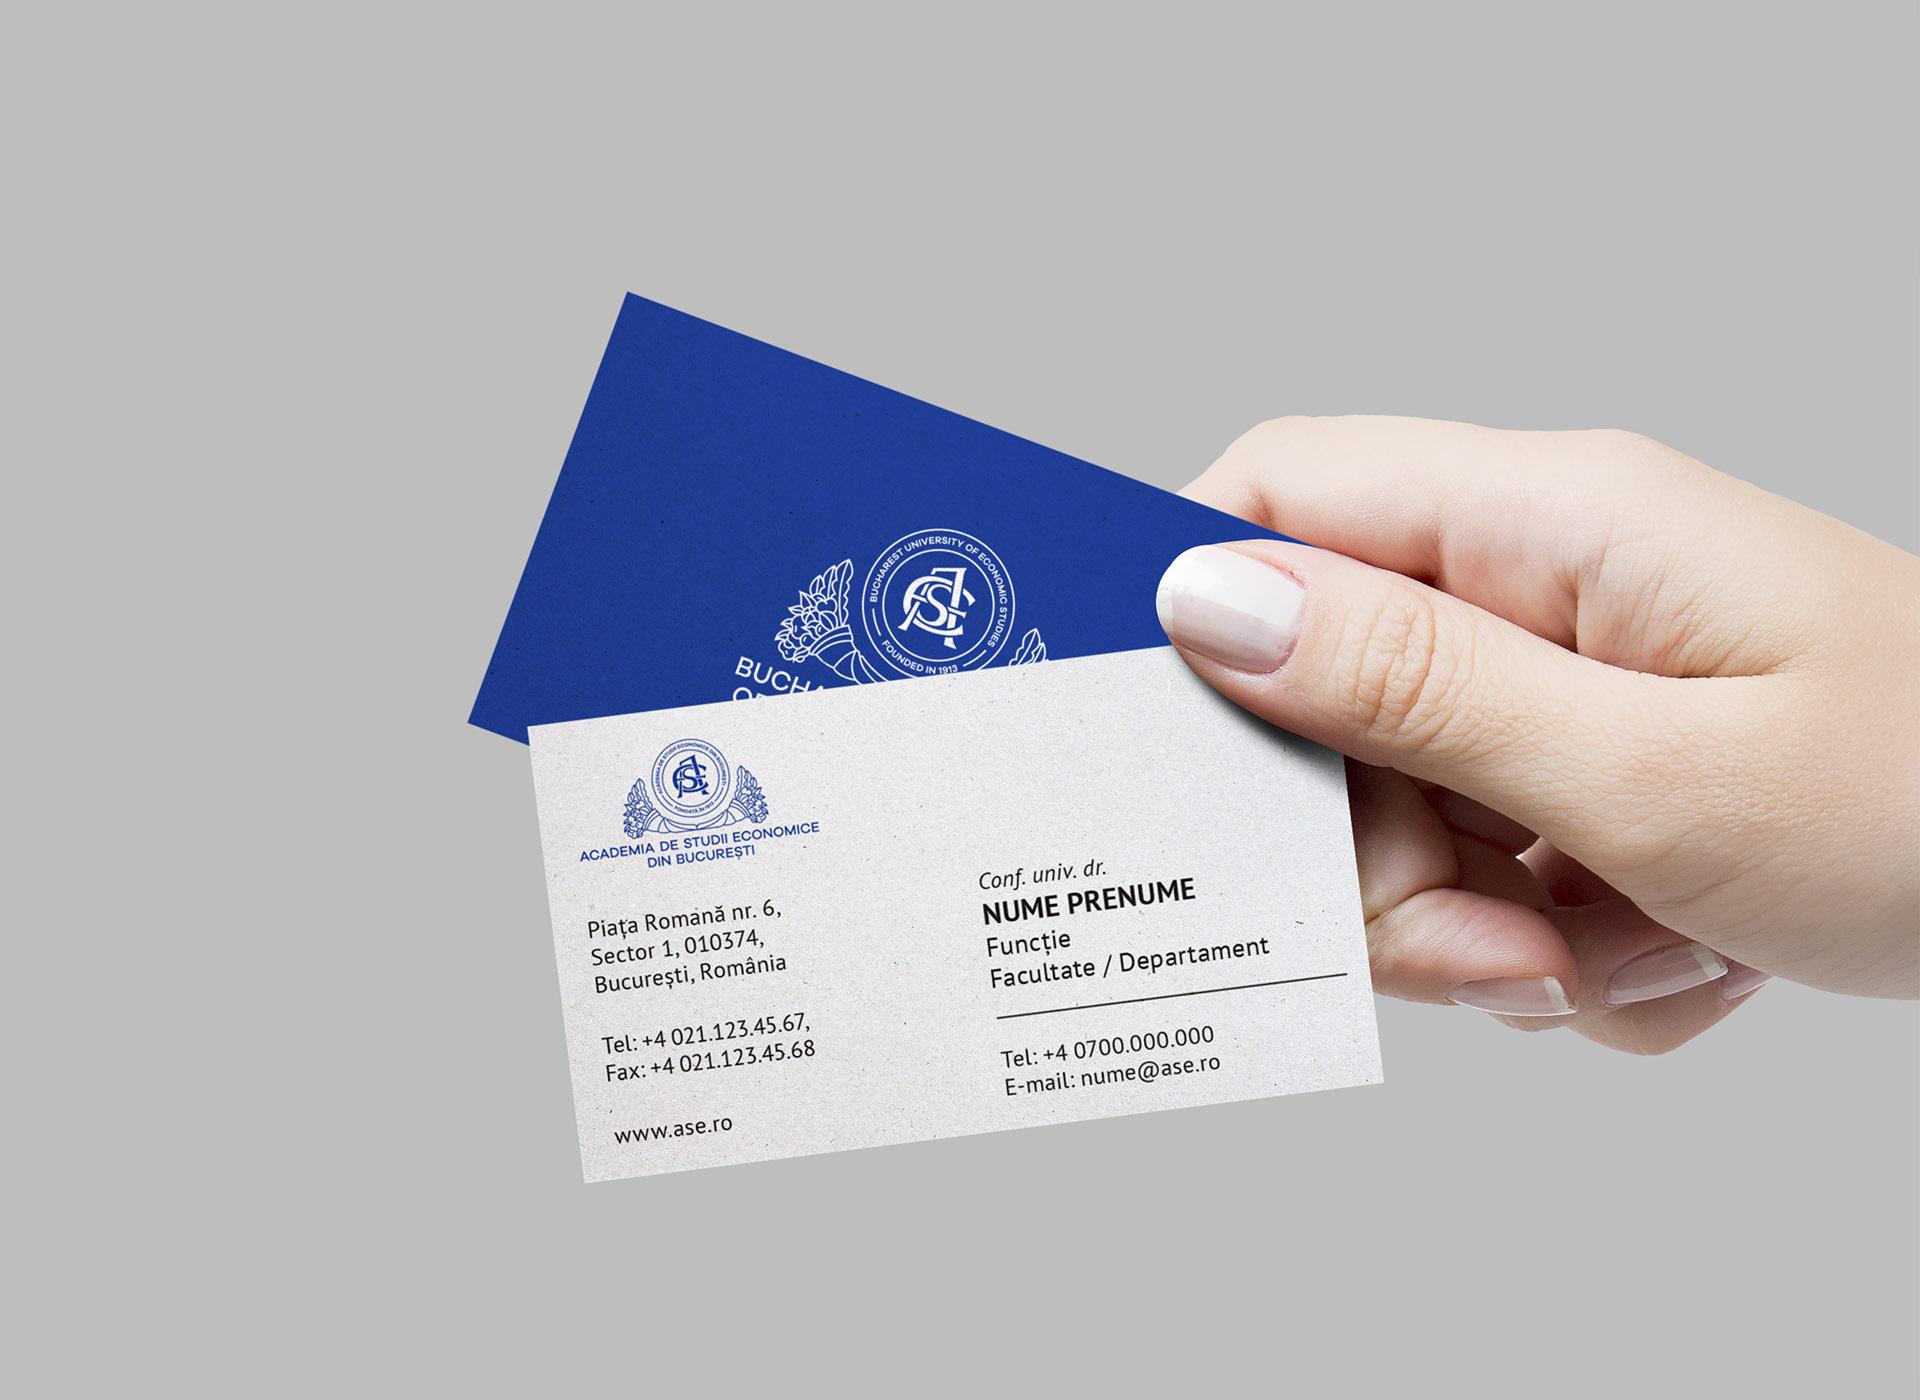 Academia de Studii Economie din Bucuresti portfolio inoveo business card